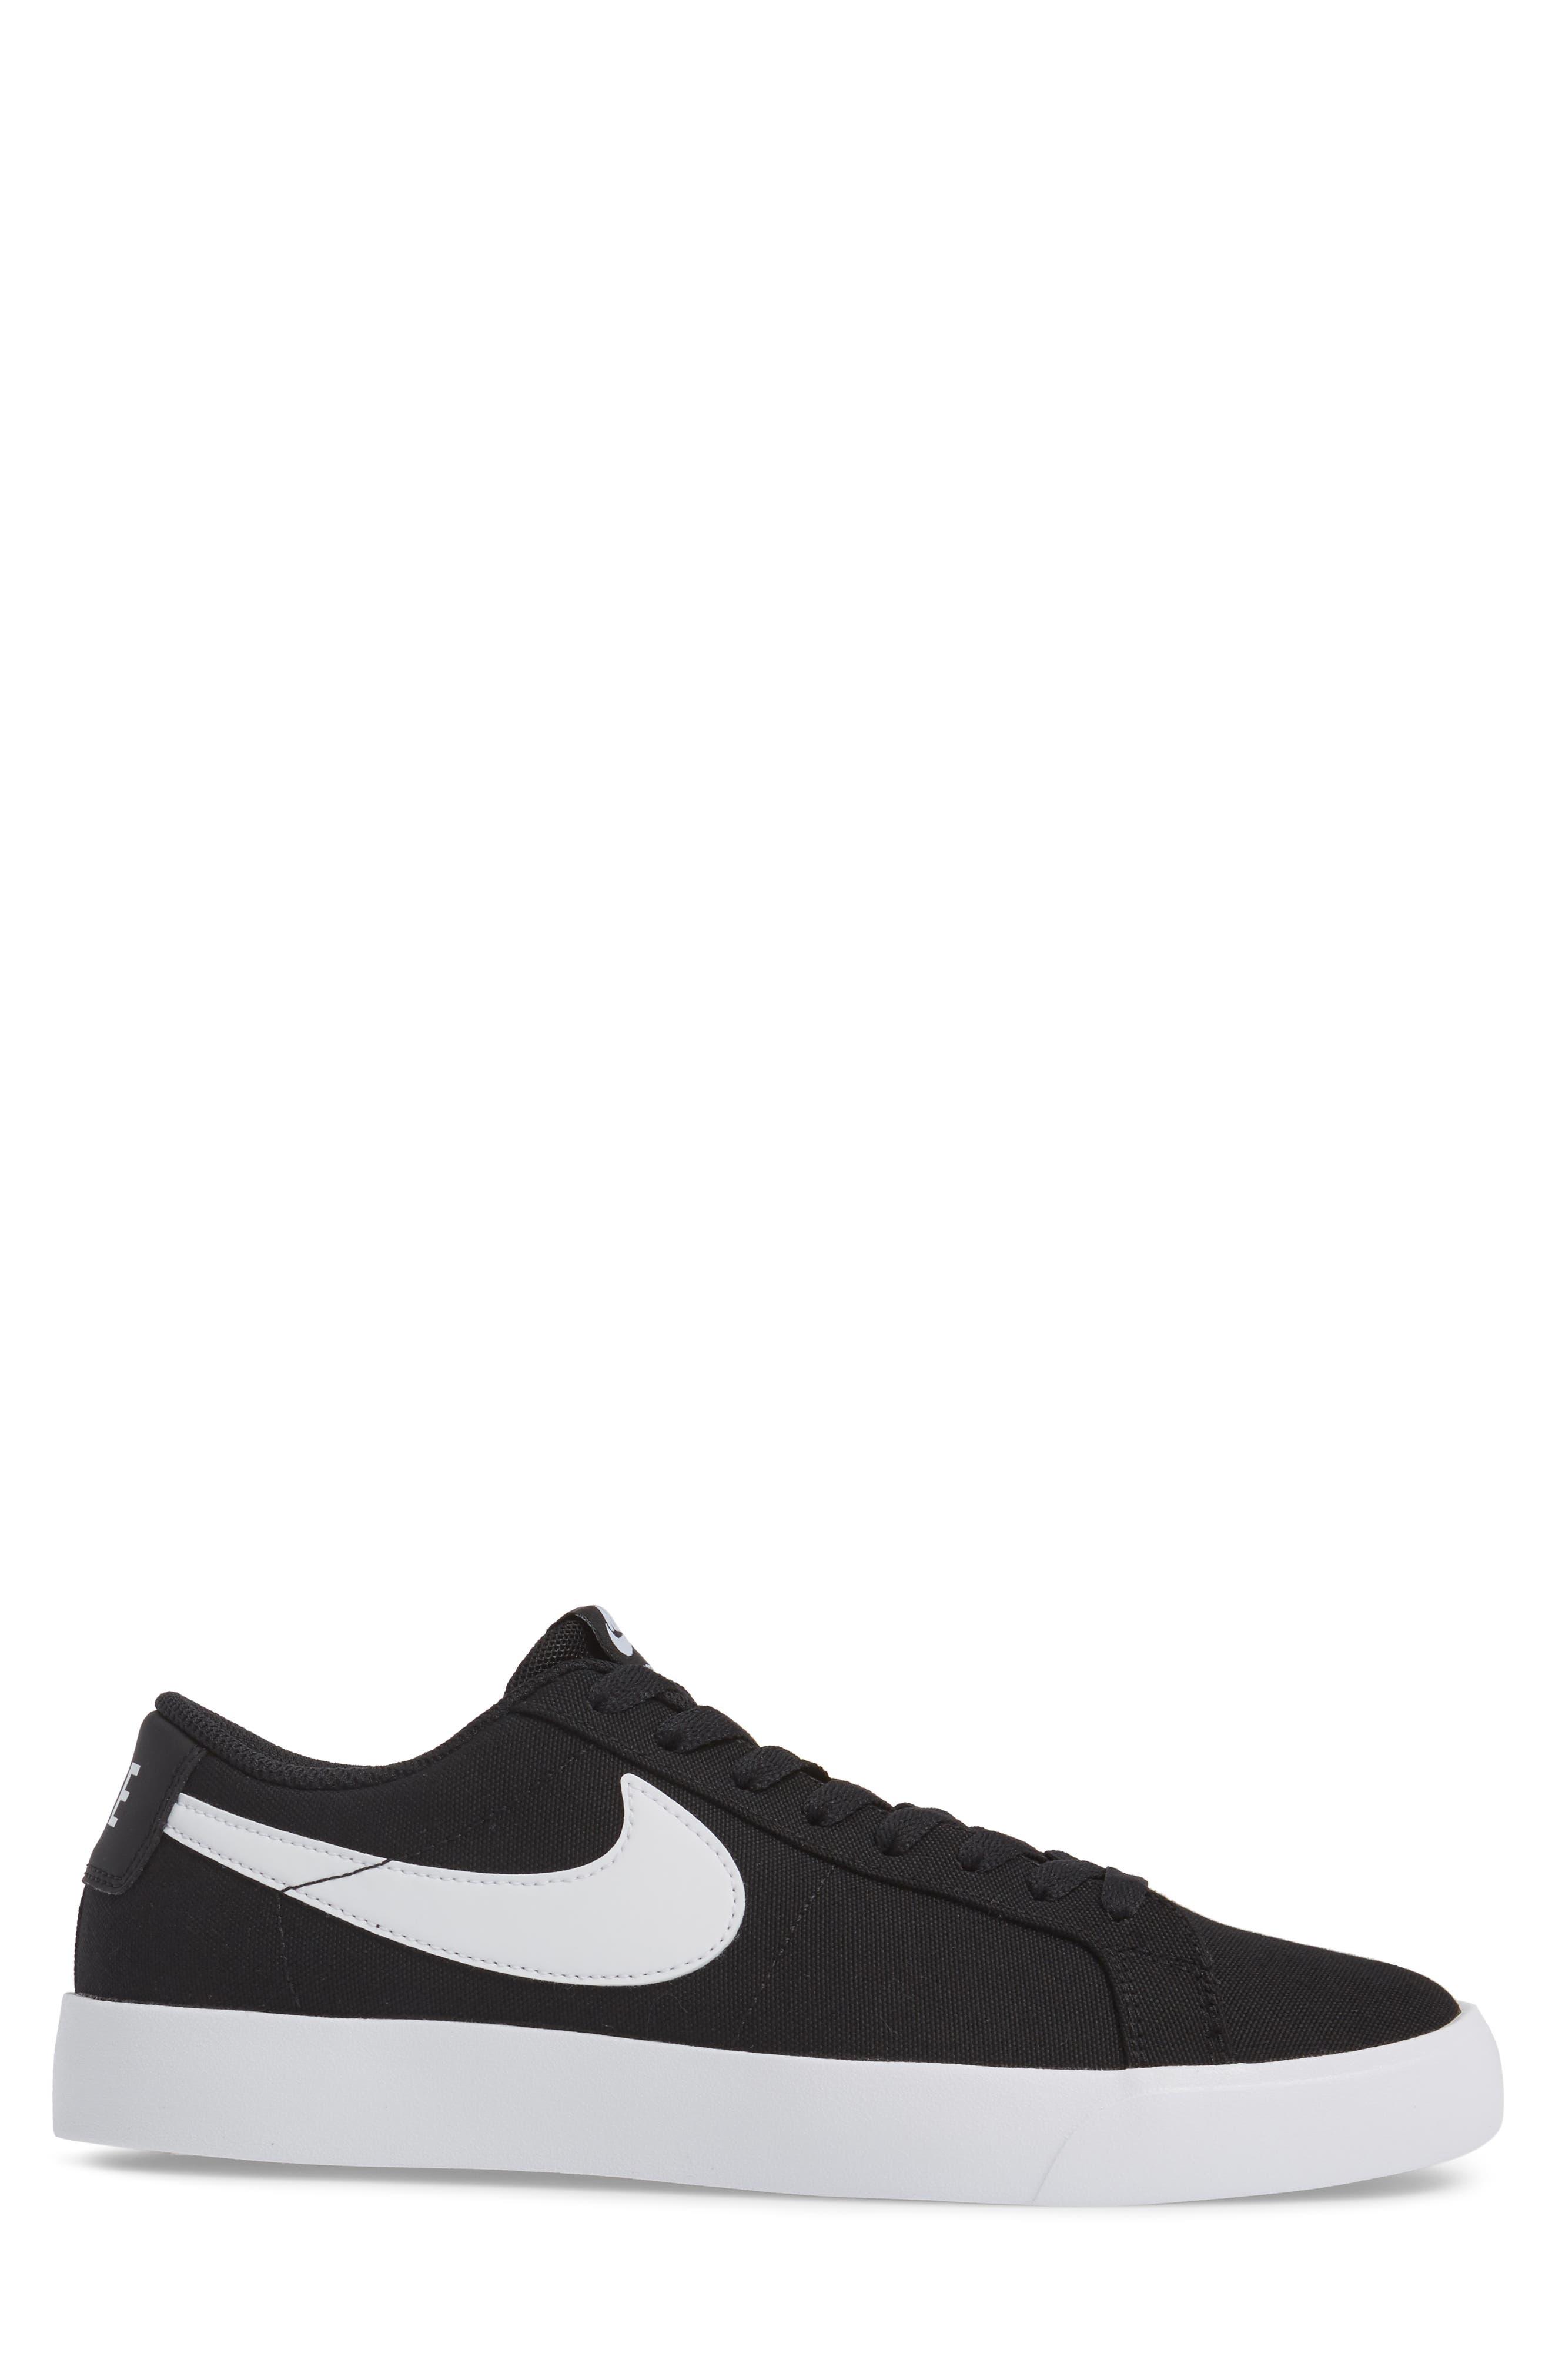 Alternate Image 3  - Nike Zoom Blazer Vapor Skate Sneaker (Men)